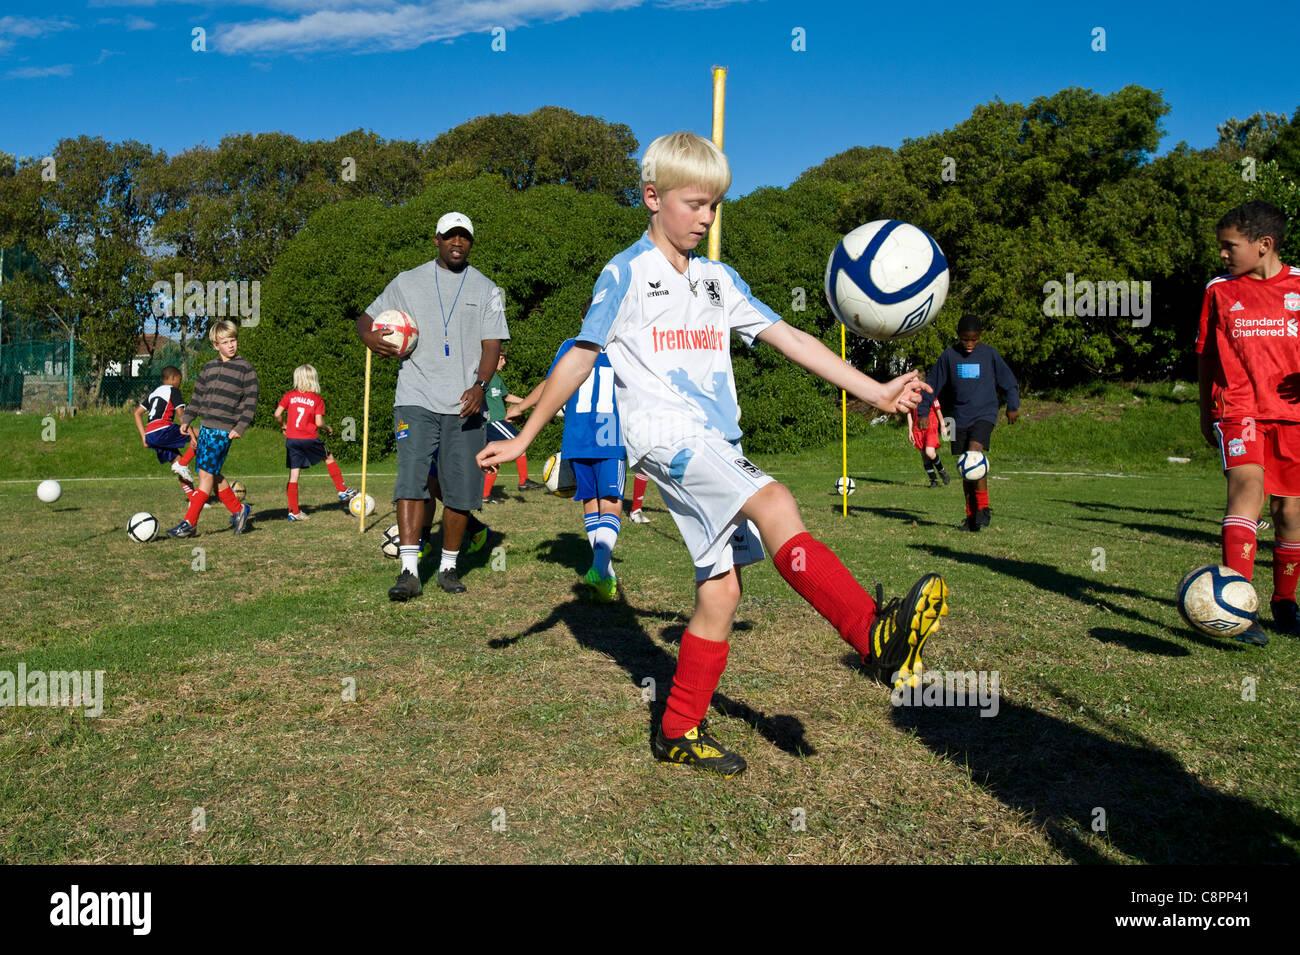 Fußball-Trainer beobachten junior Spieler üben Ballfertigkeit Kapstadt Südafrika Stockbild